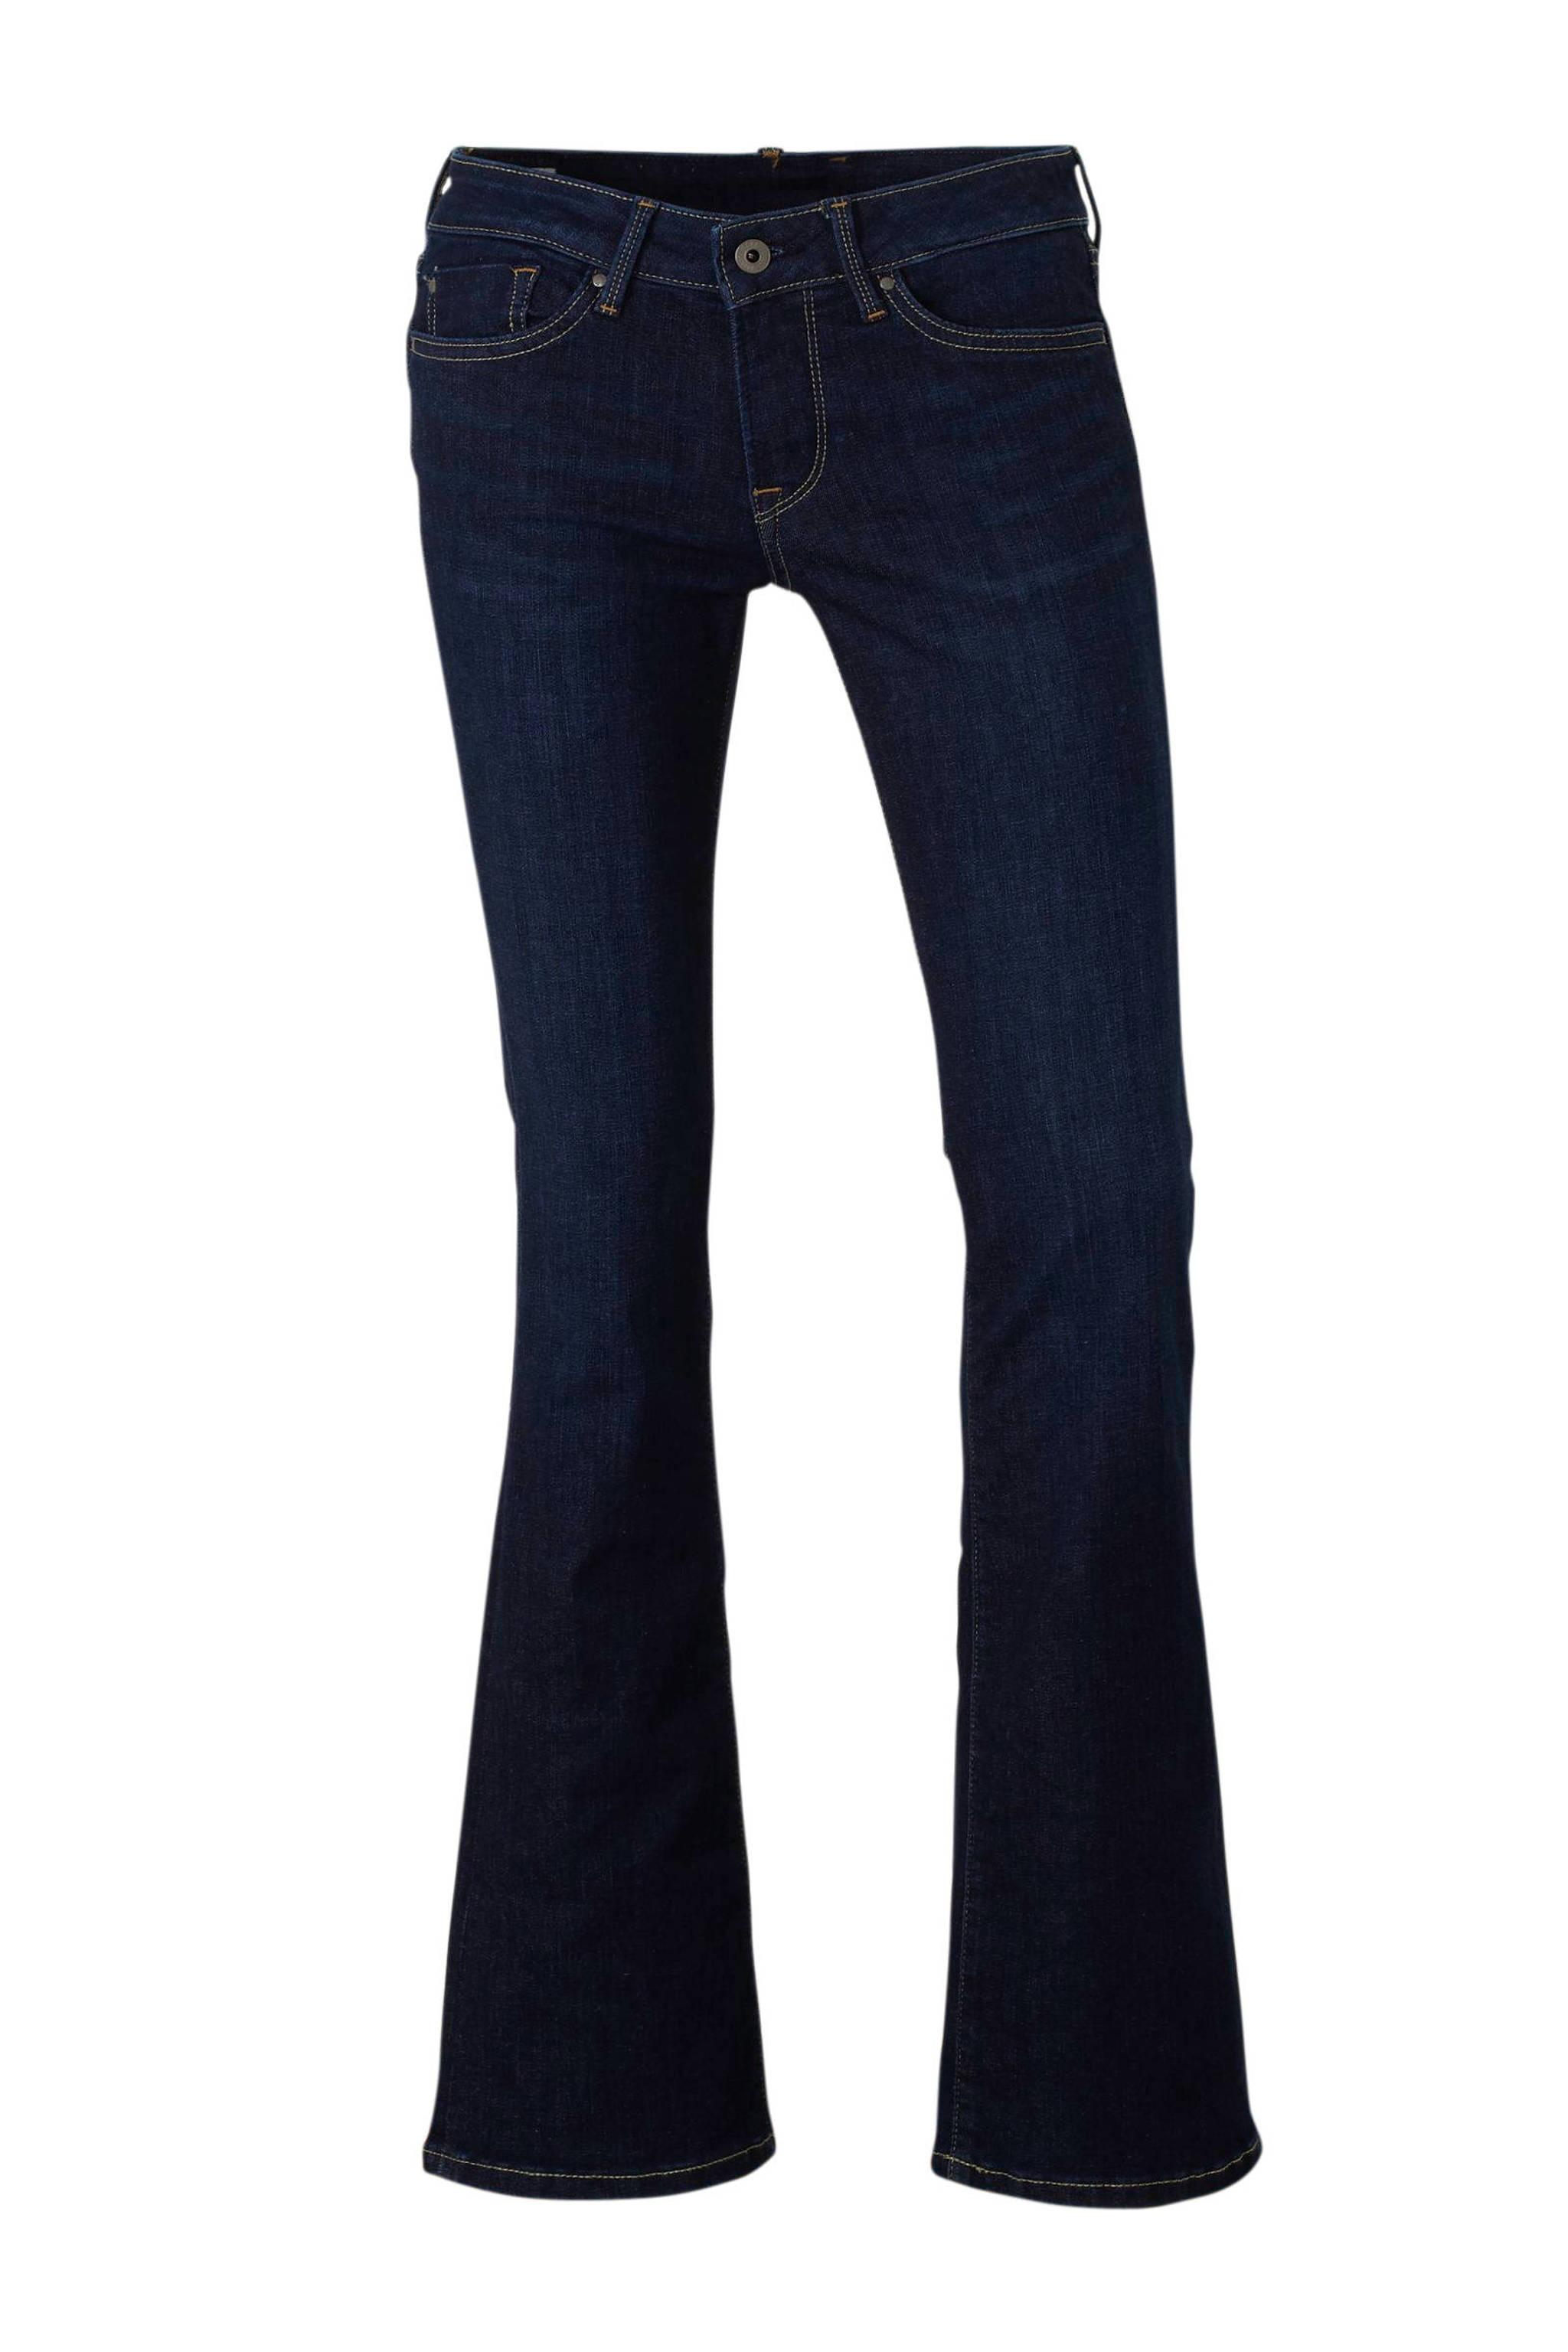 Luxus kaufen erstklassig neue Sachen bootcut jeans Piccadilly